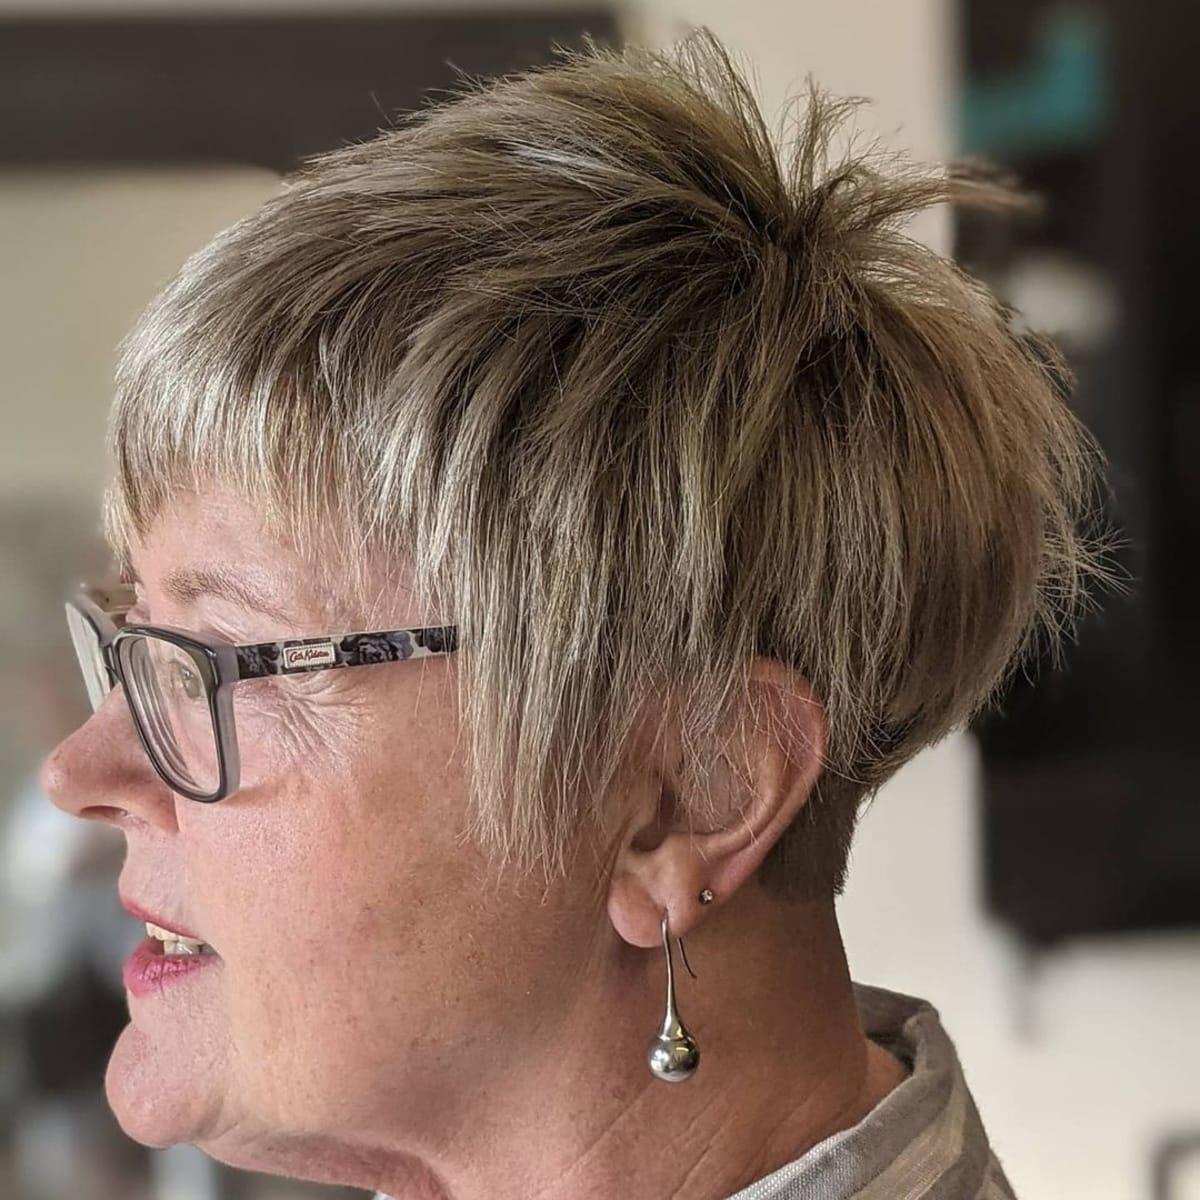 Shaggy pixie cut con gafas